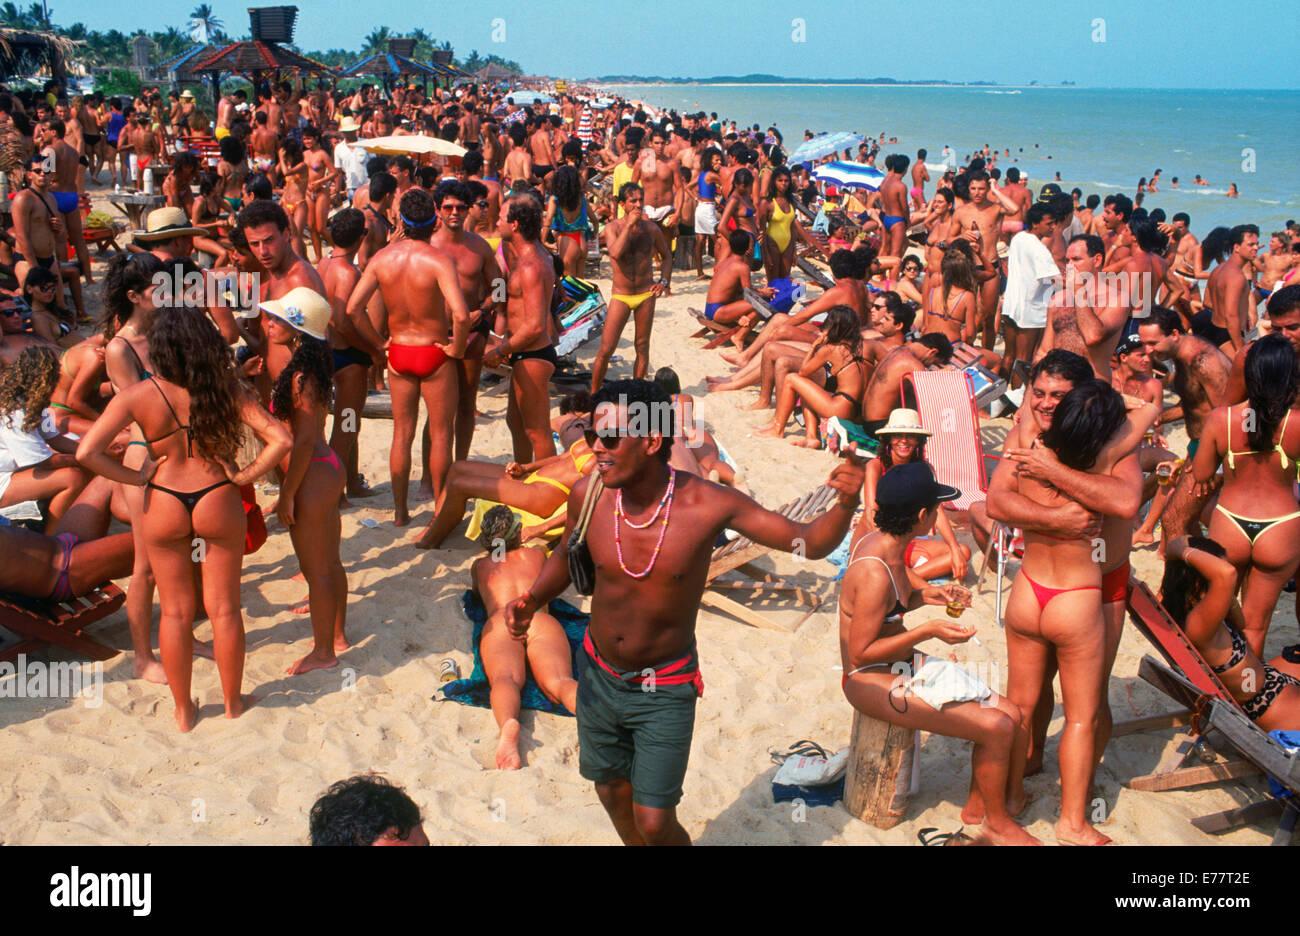 LEUTE FEIERN KARNEVAL AM STRAND VON BAHIA IN BRASILIEN Stockbild